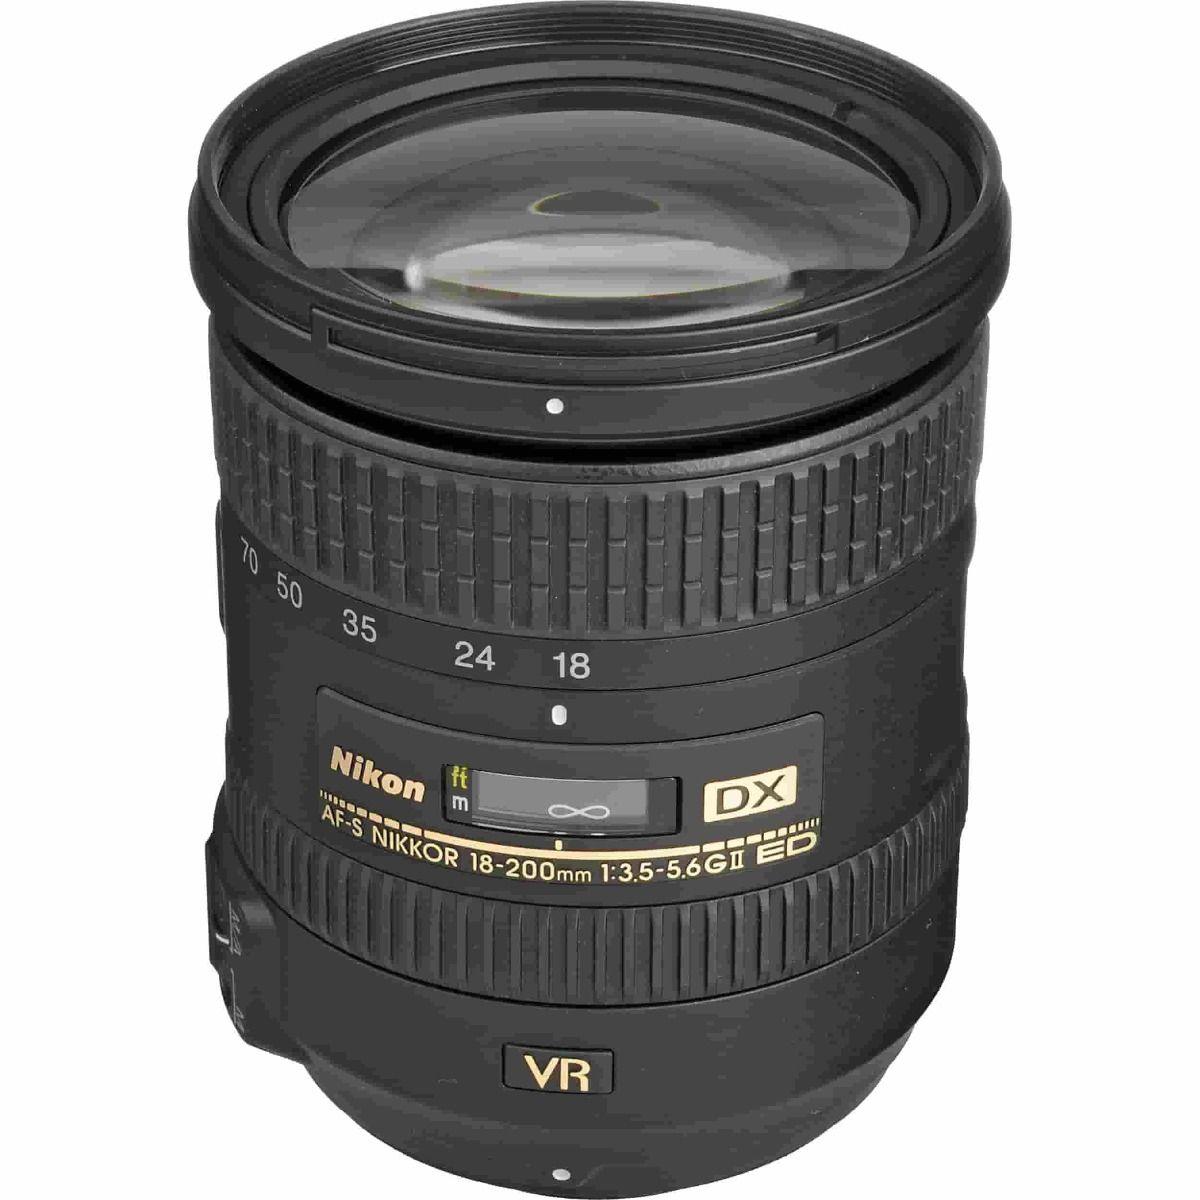 Nikon AF-S 18-200mm f/3.5-5.6G ED VR II DX Lens,Nikon AF-S 18-200mm f/3.5-5.6G ED VR II DX Lens,Nikon AF-S 18-200mm f/3.5-5.6G ED VR II DX Lens